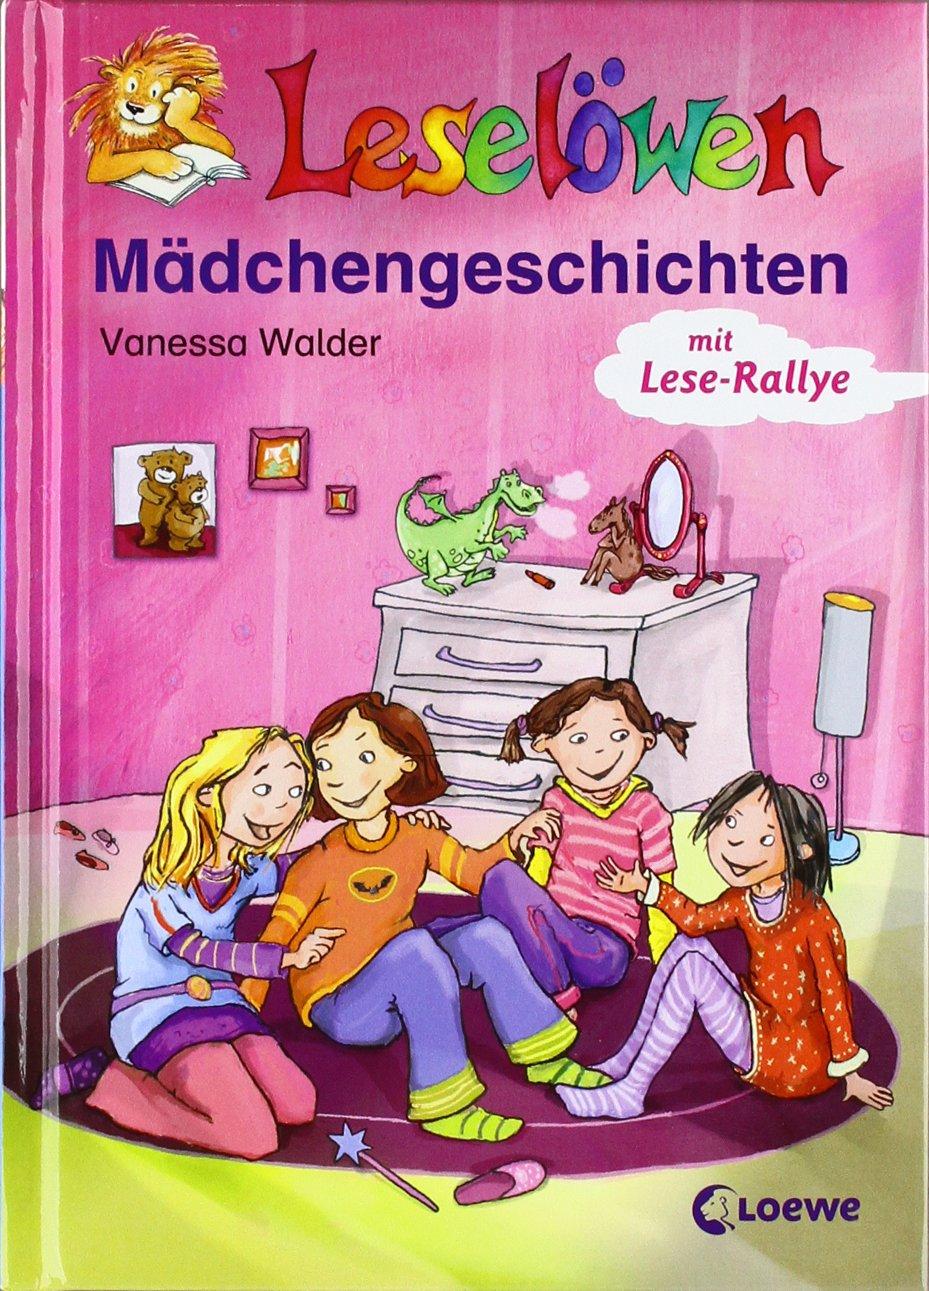 Leselöwen-Mädchengeschichten